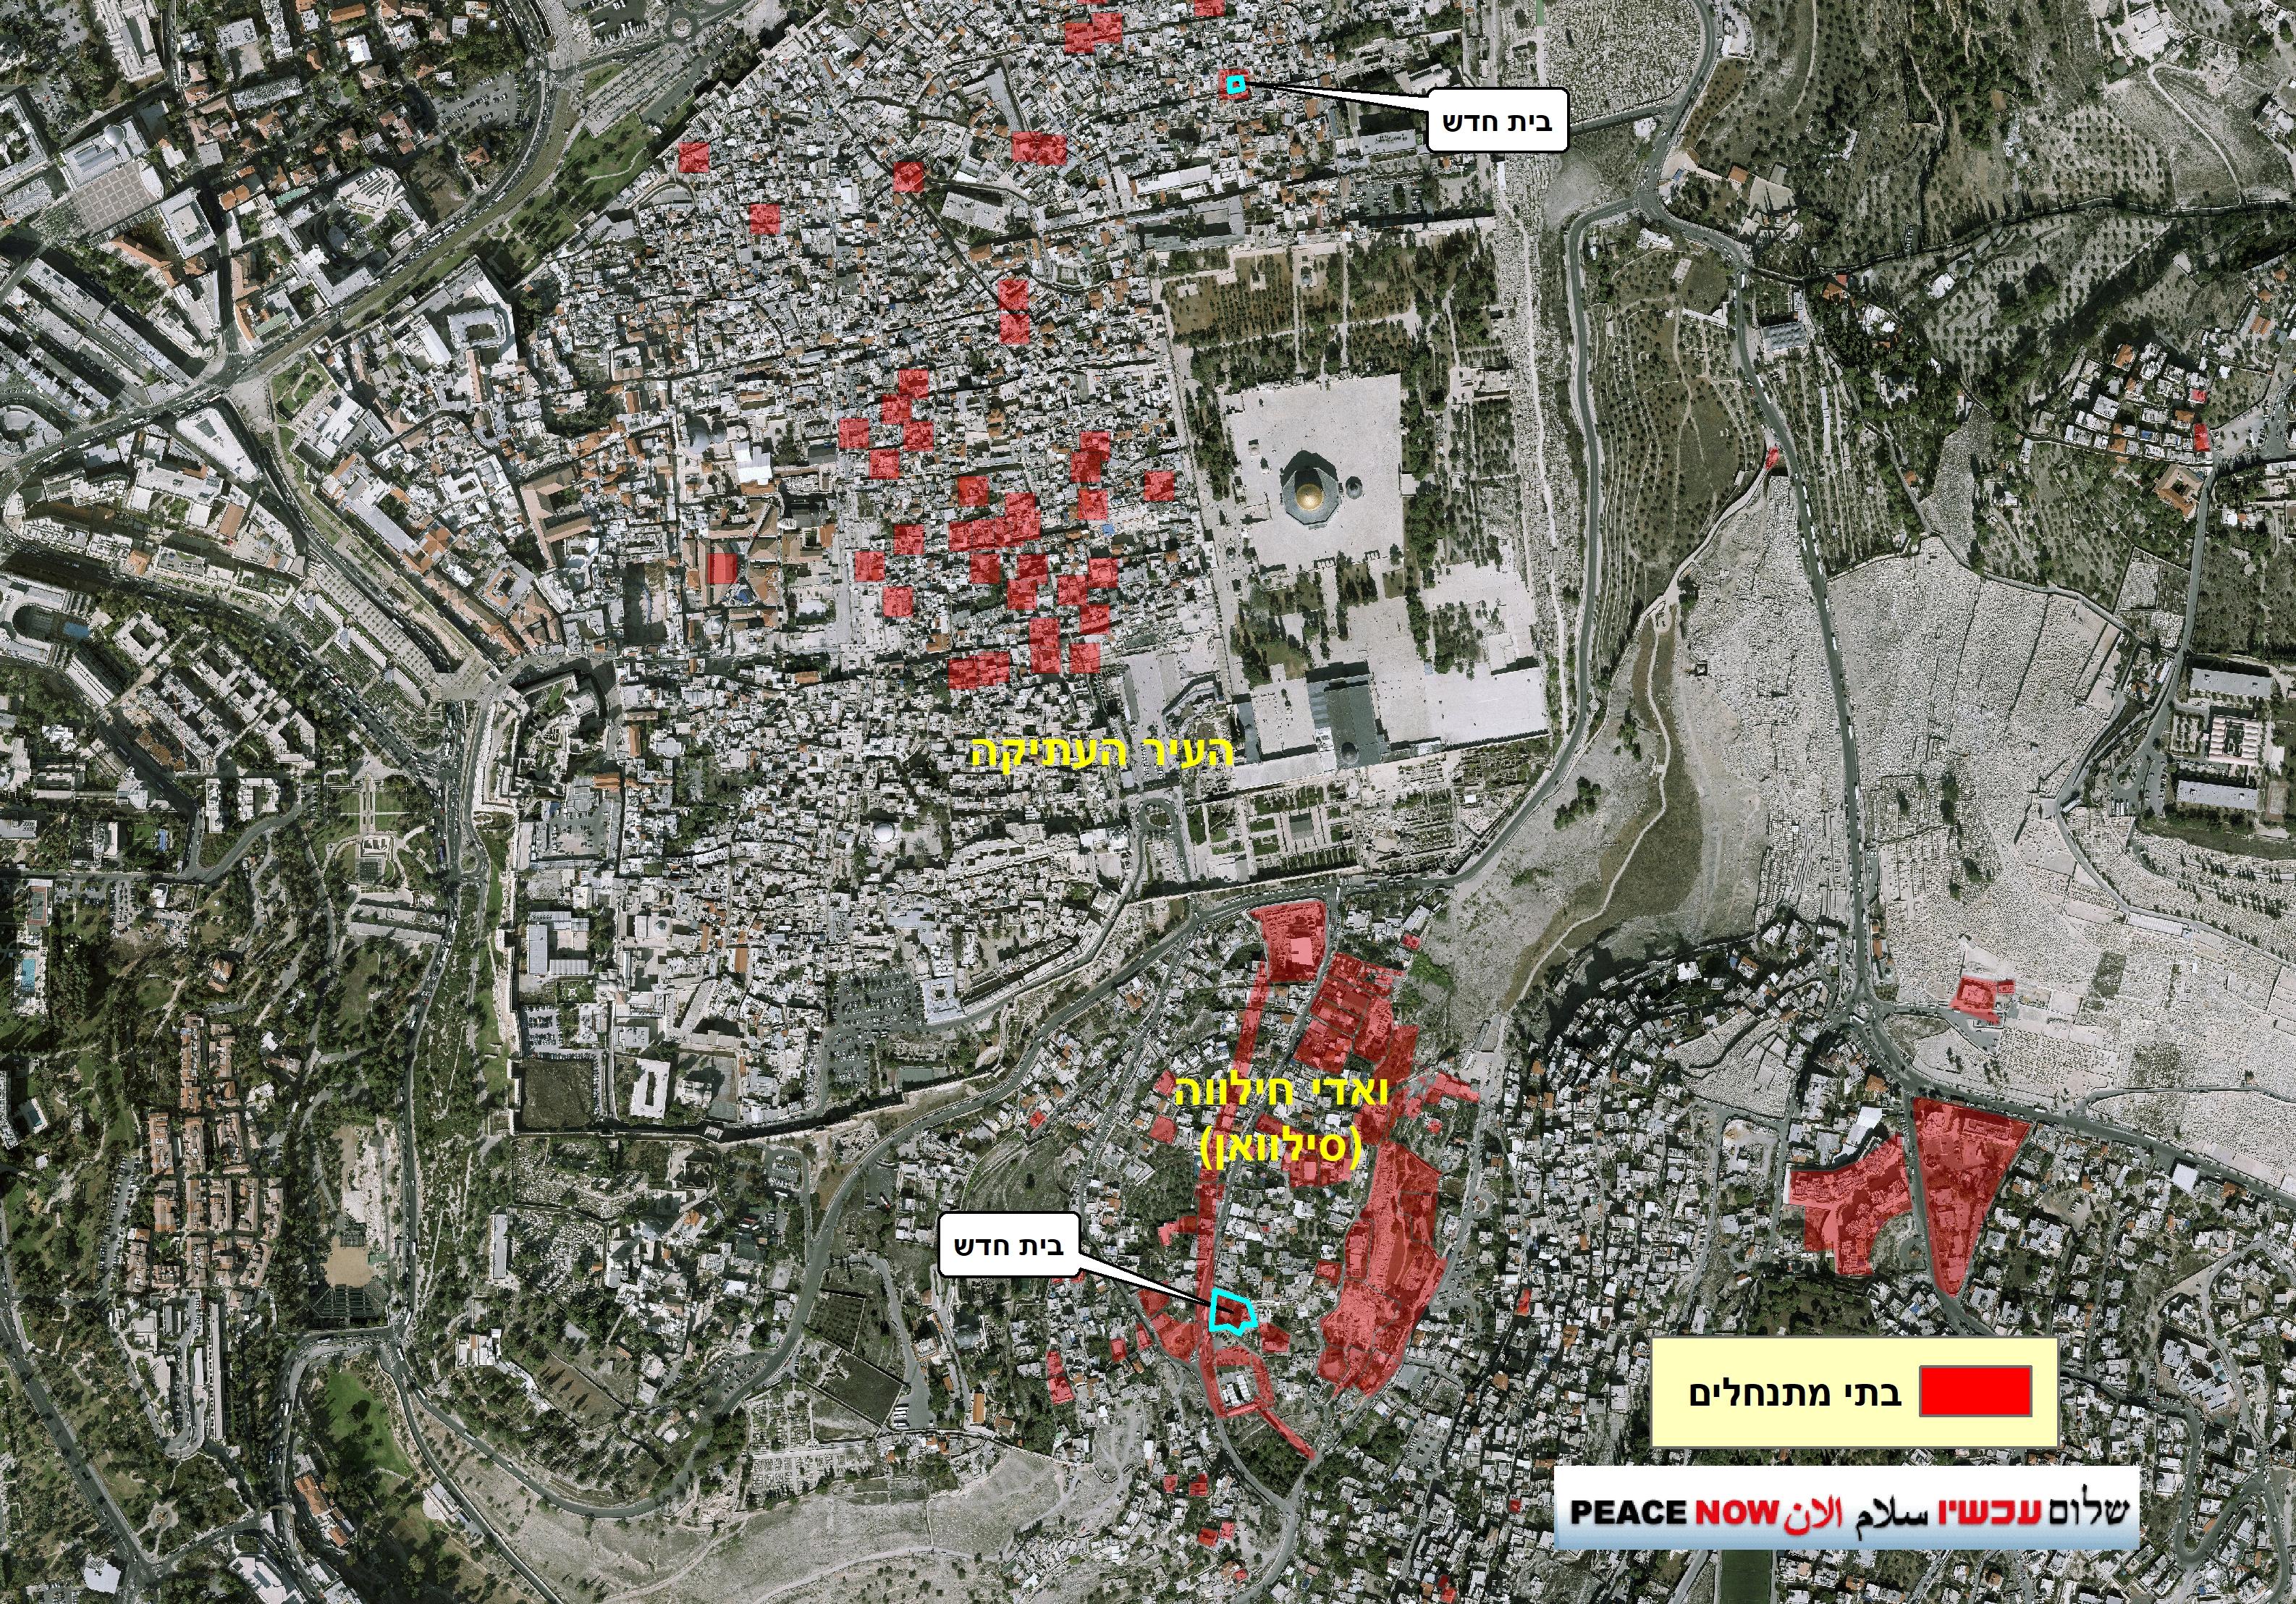 סילוואן, הרובע המוסלמי, העיר העתיקה